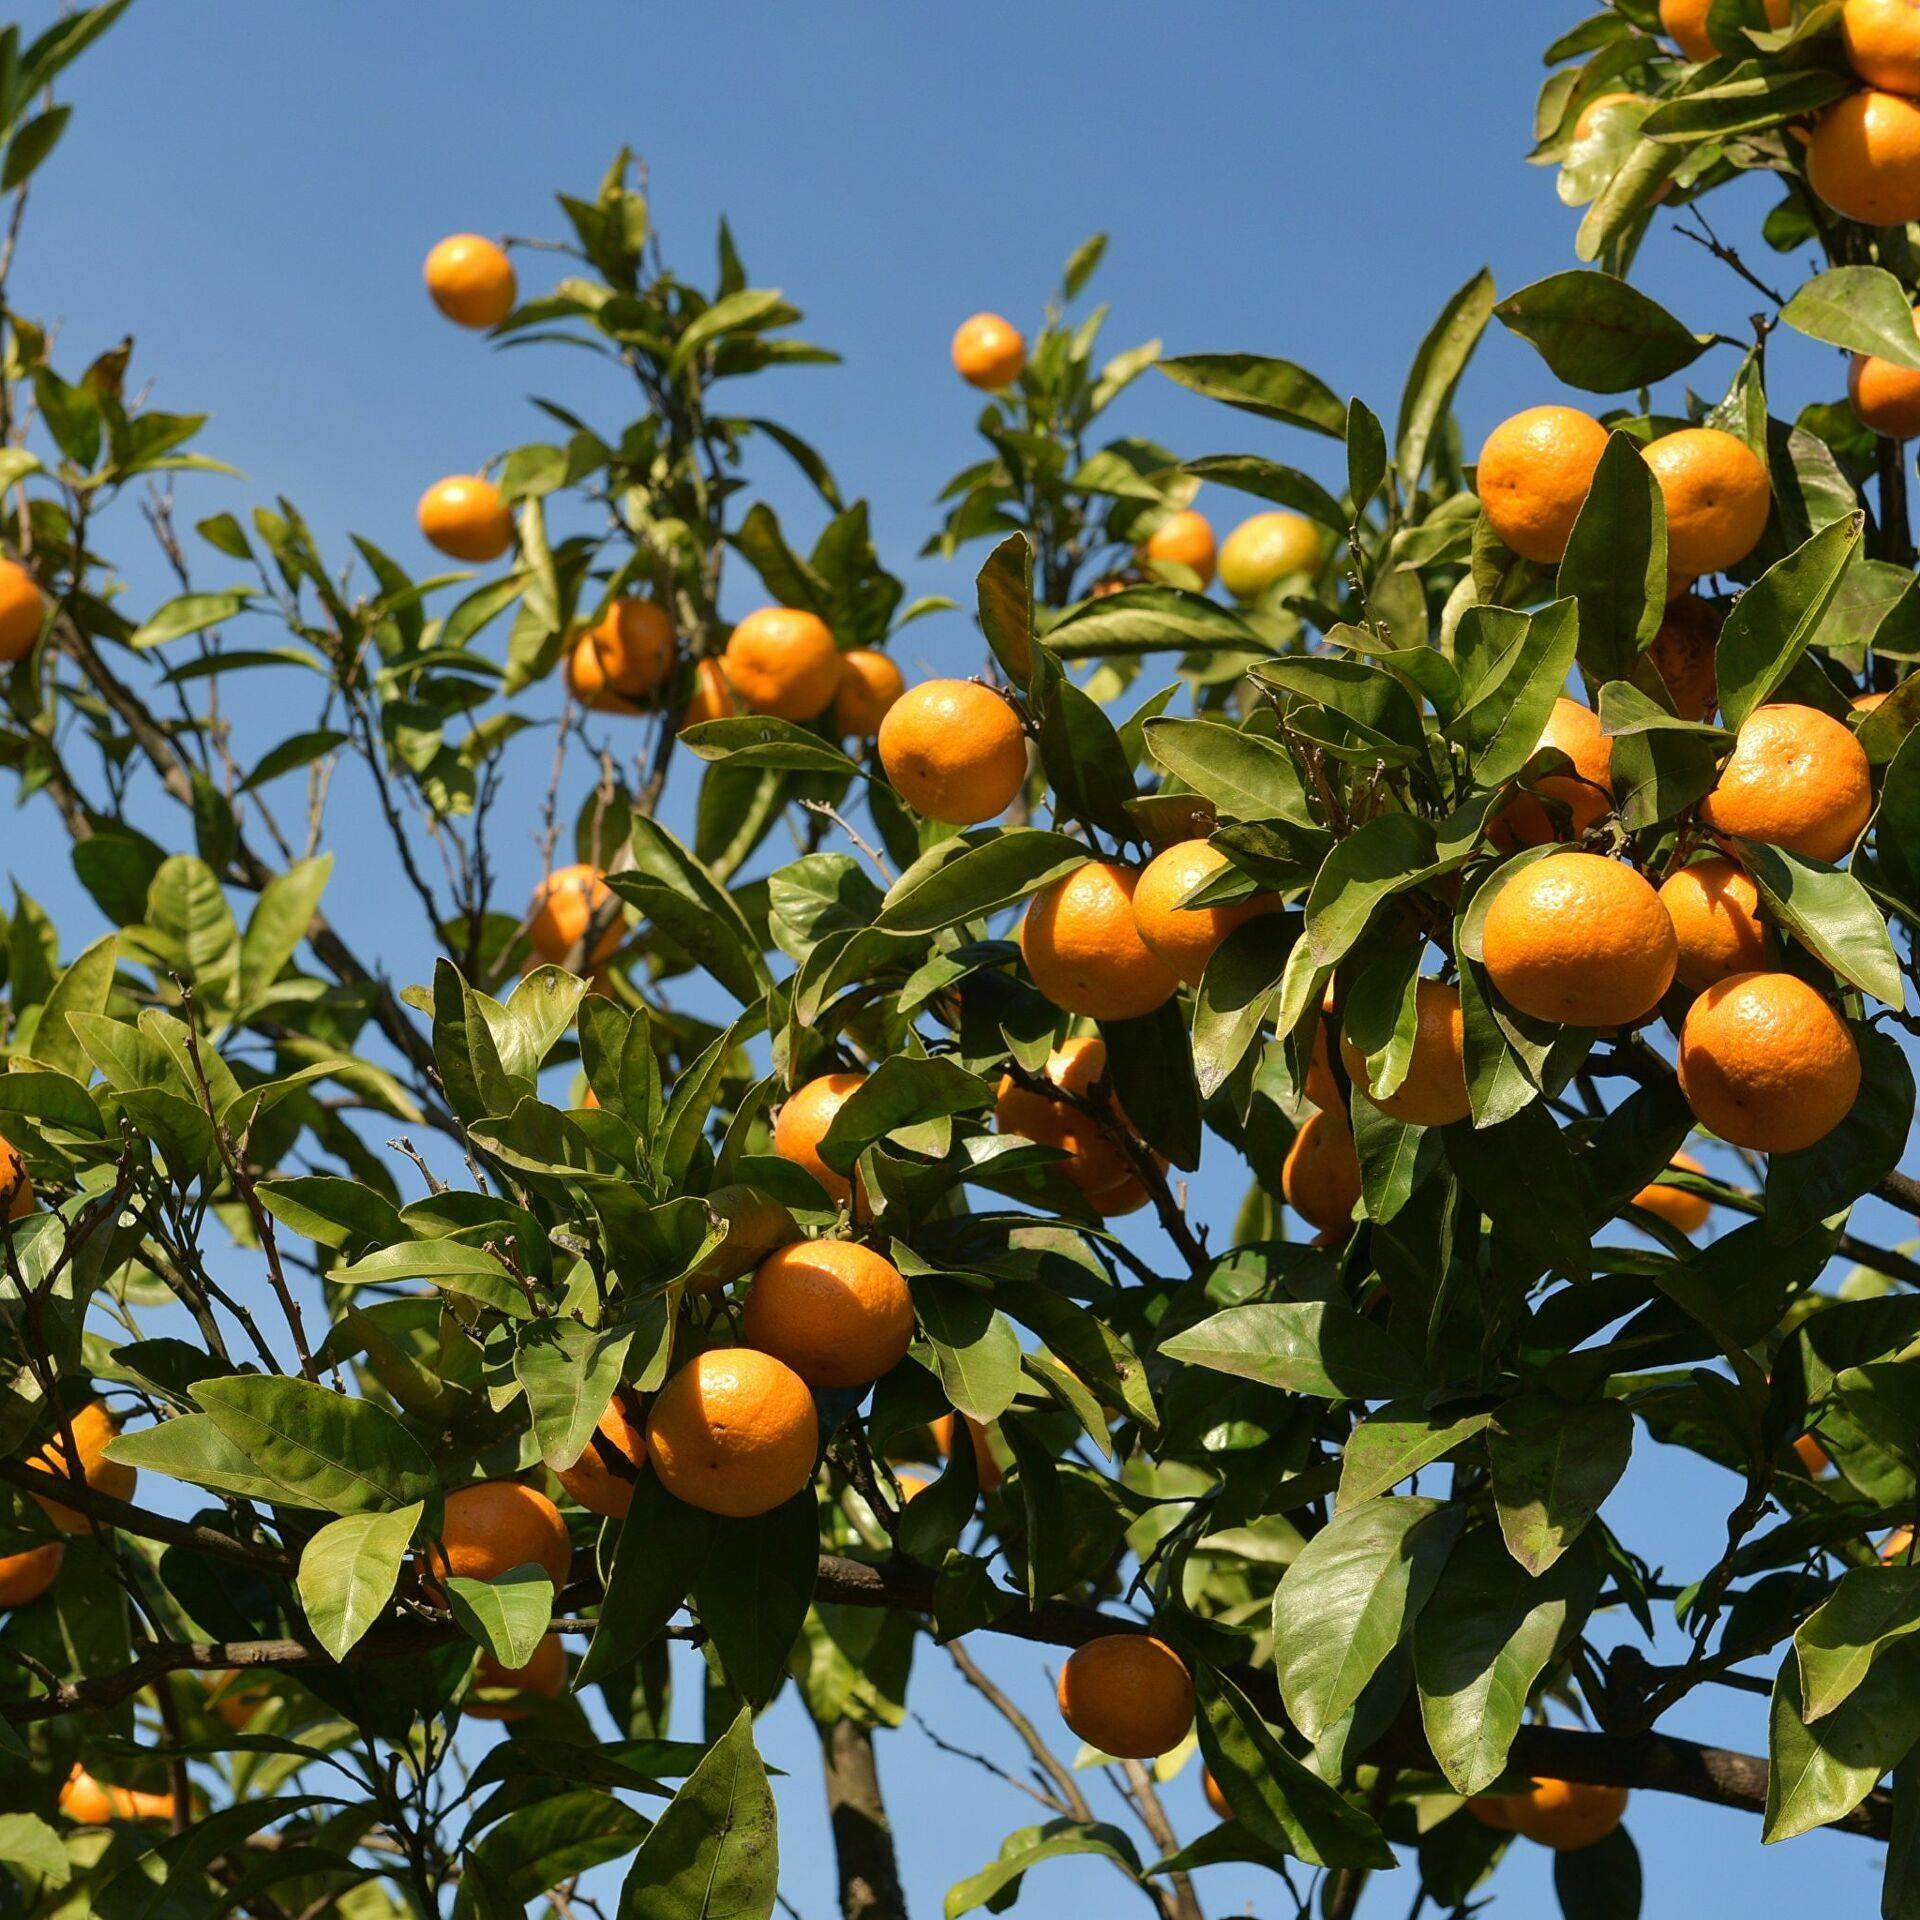 Польза и вред мандаринов для здоровья, энергетическая ценность и правила употребления